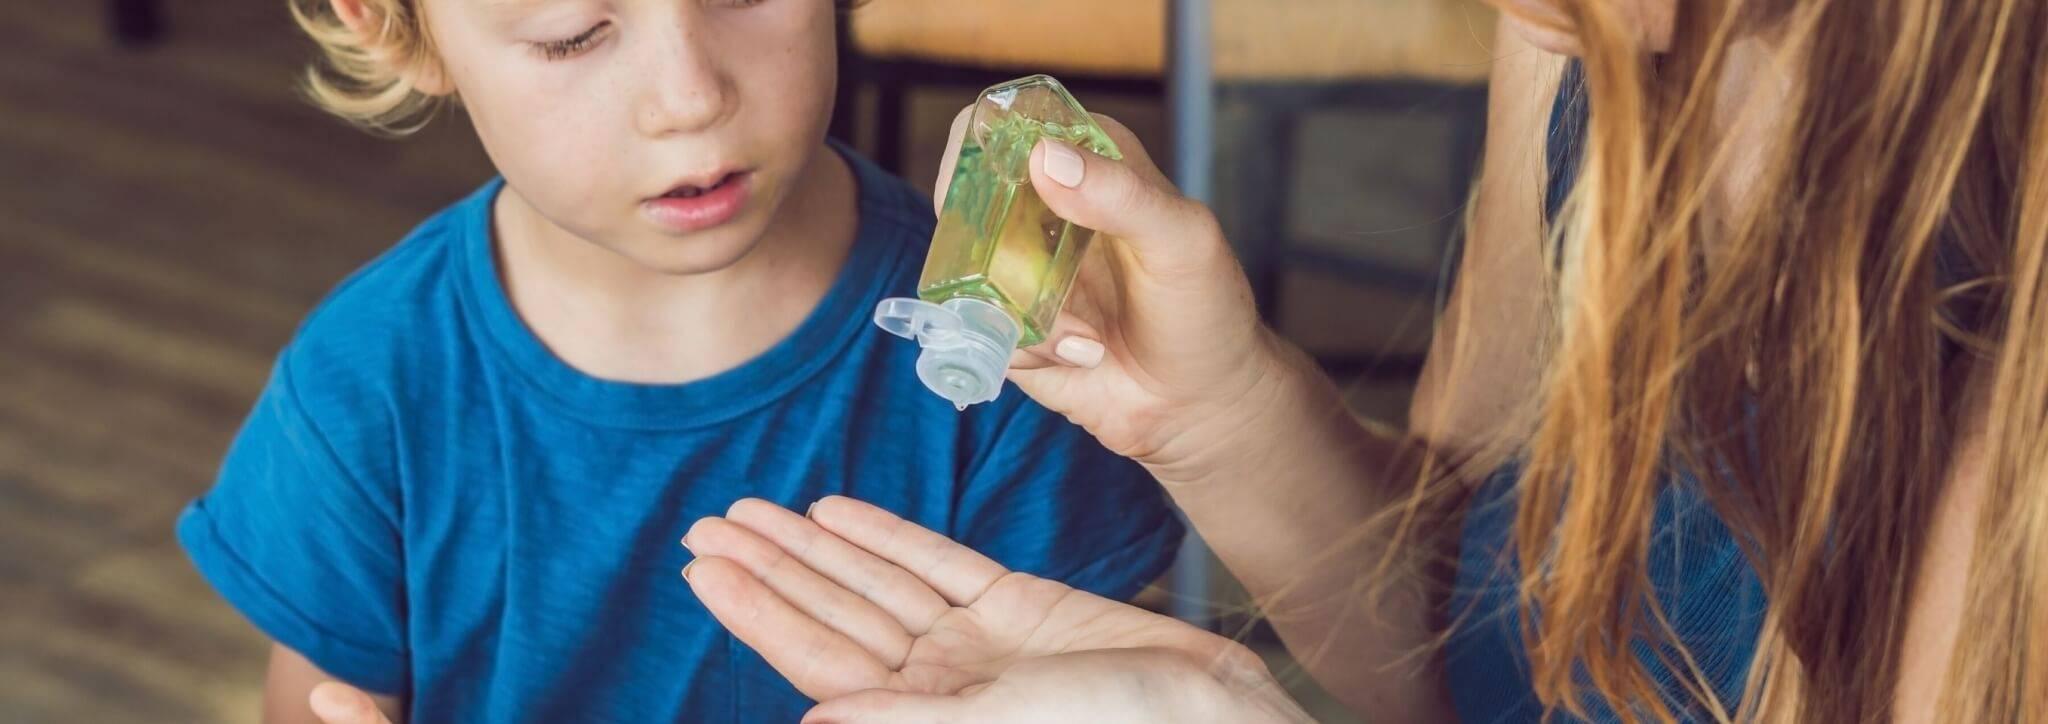 antibacteriële handgel